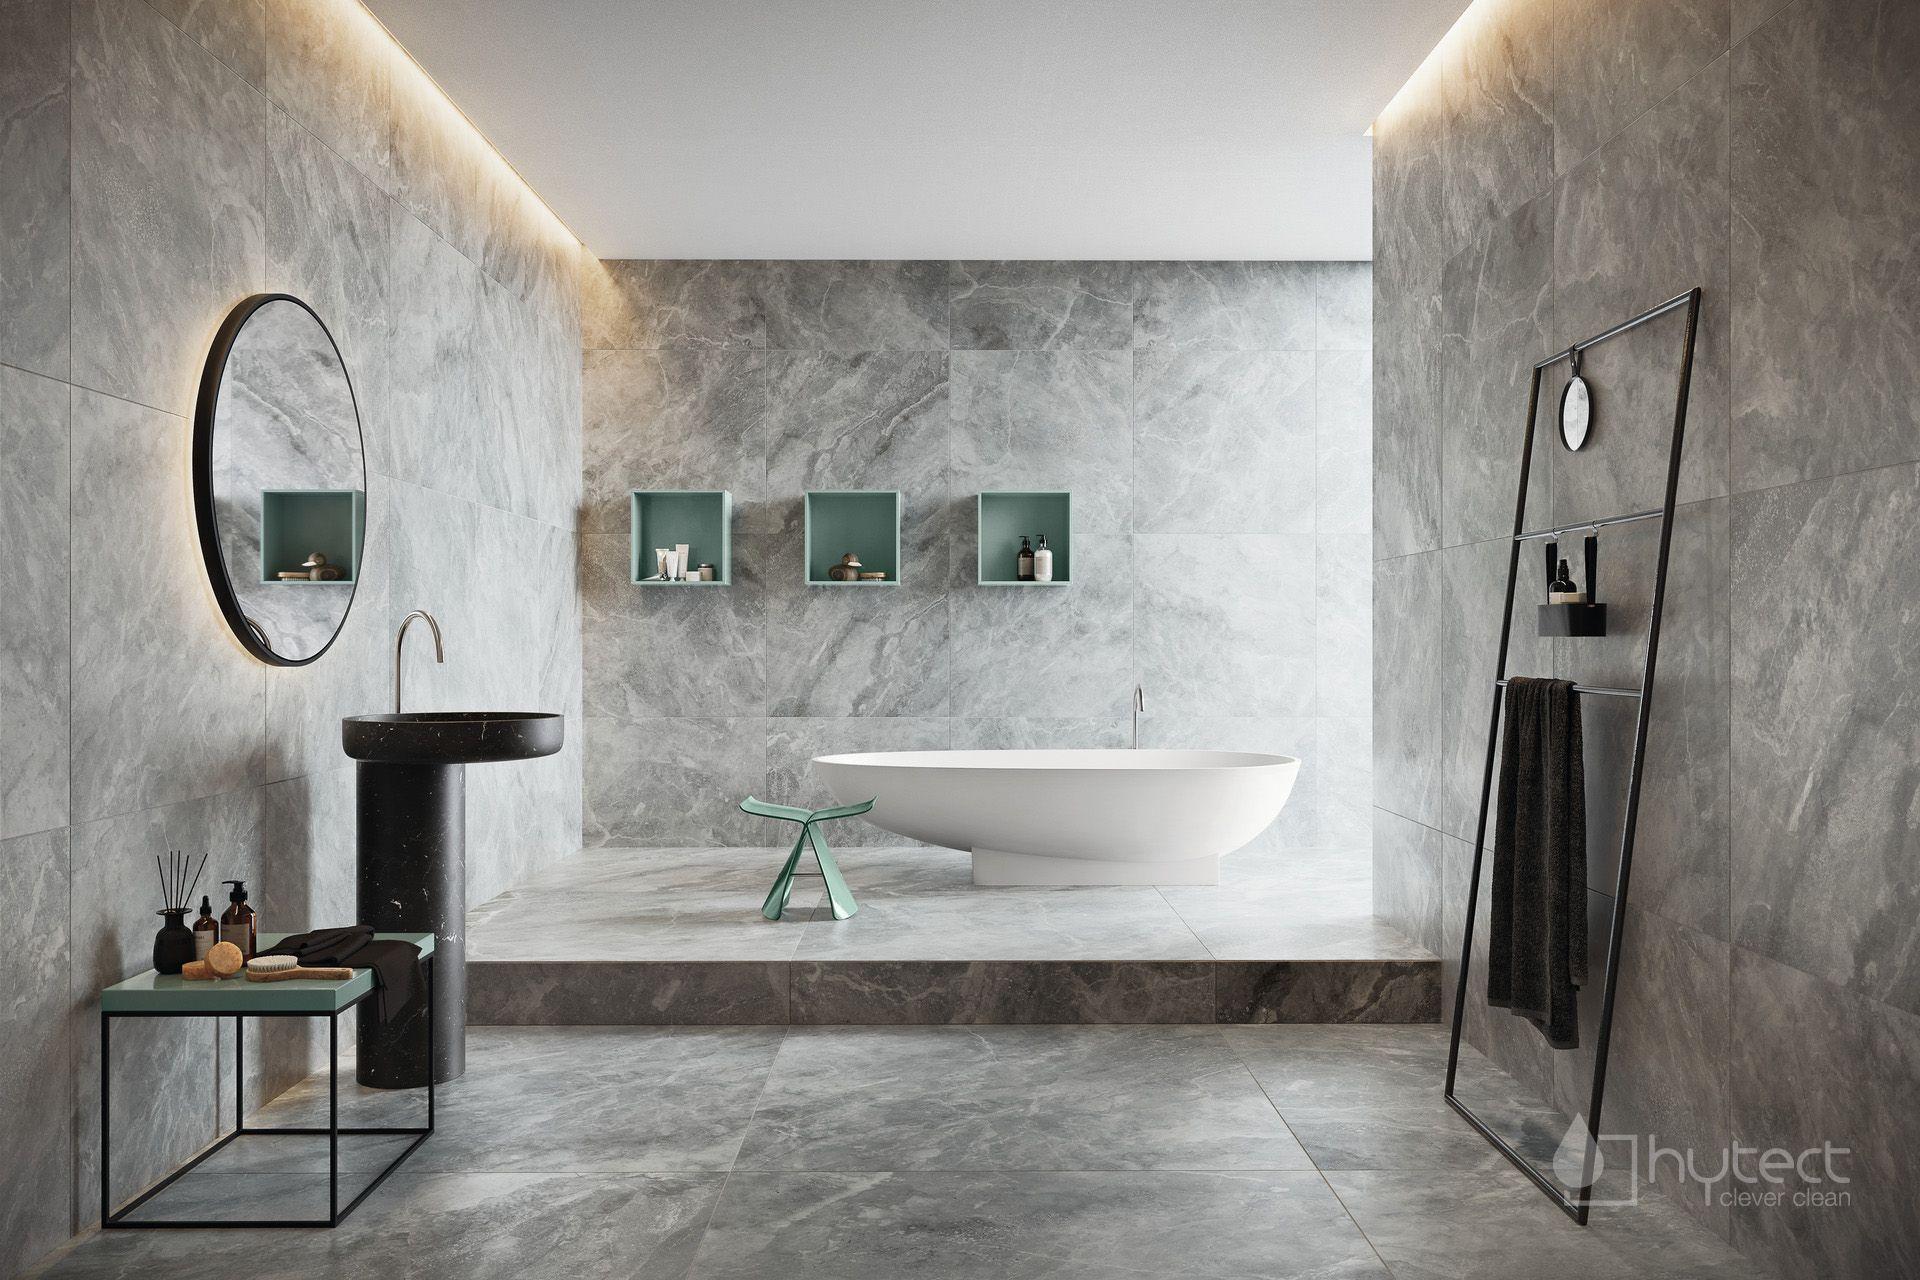 Badezimmer Ideen Luxusbad Mit Marmorfliesen Aus Keramik Luxusbad Badezimmer Marmorfliesen